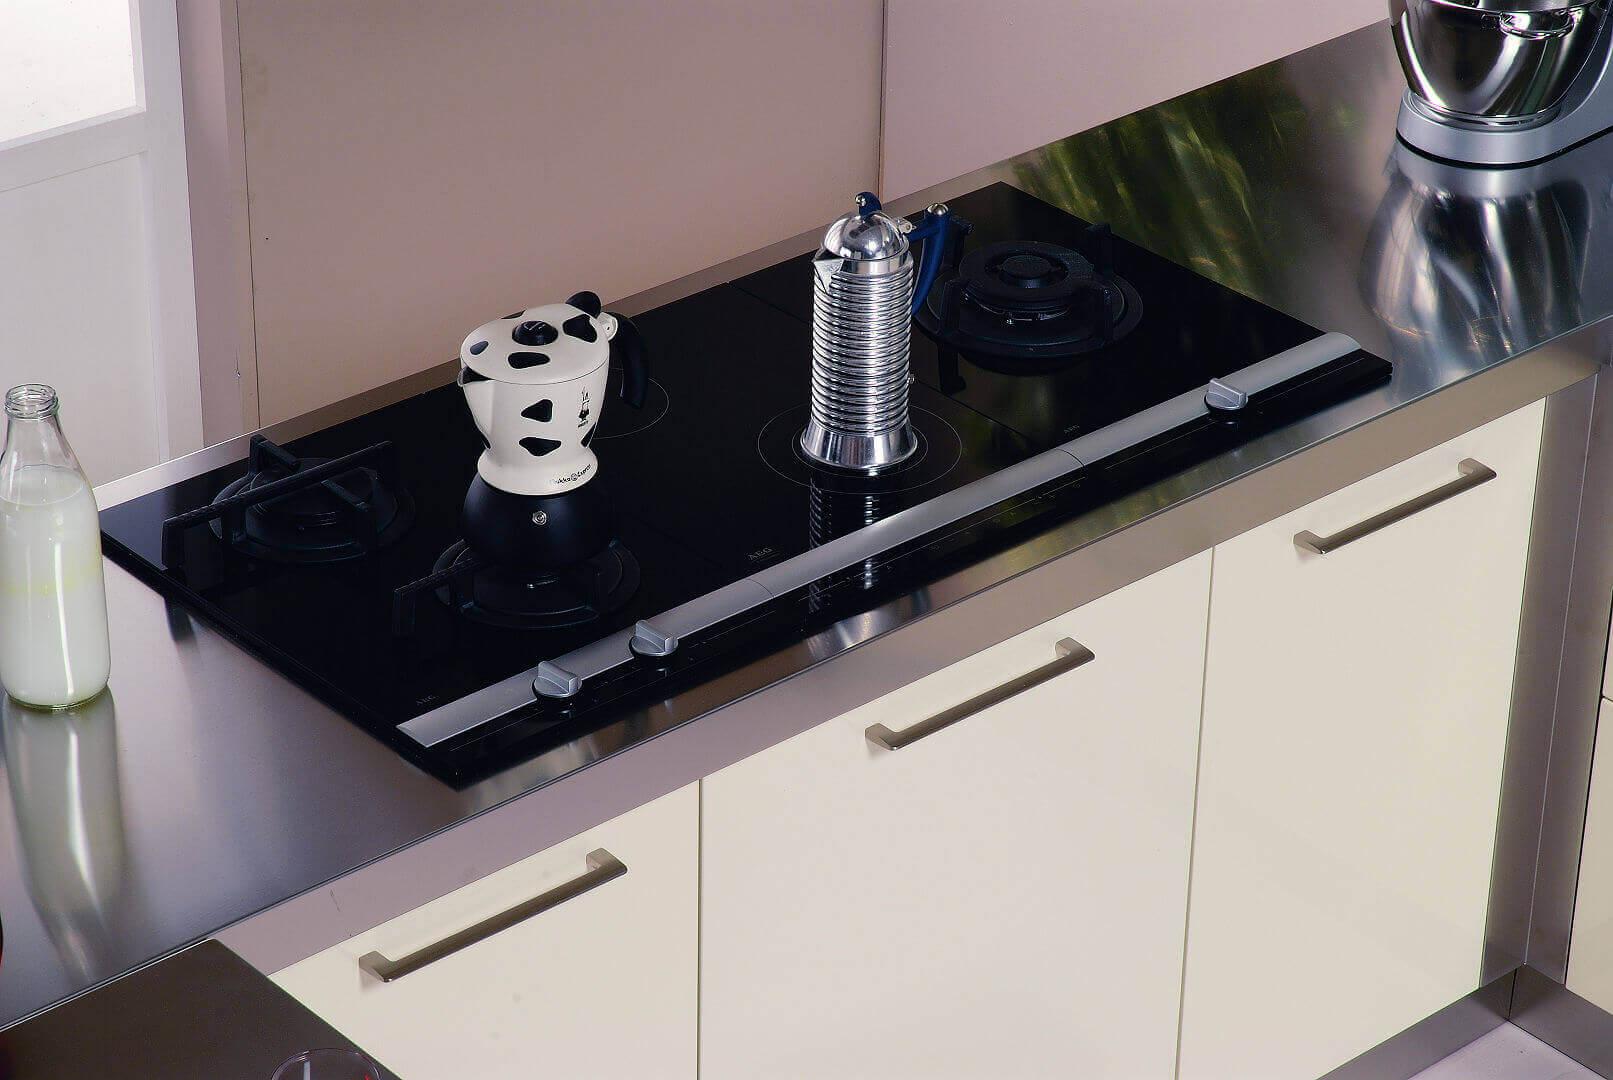 Arca Cucine Italia - Cucine Domestiche in Acciaio Inox - 20 - Retunne - Maniglie